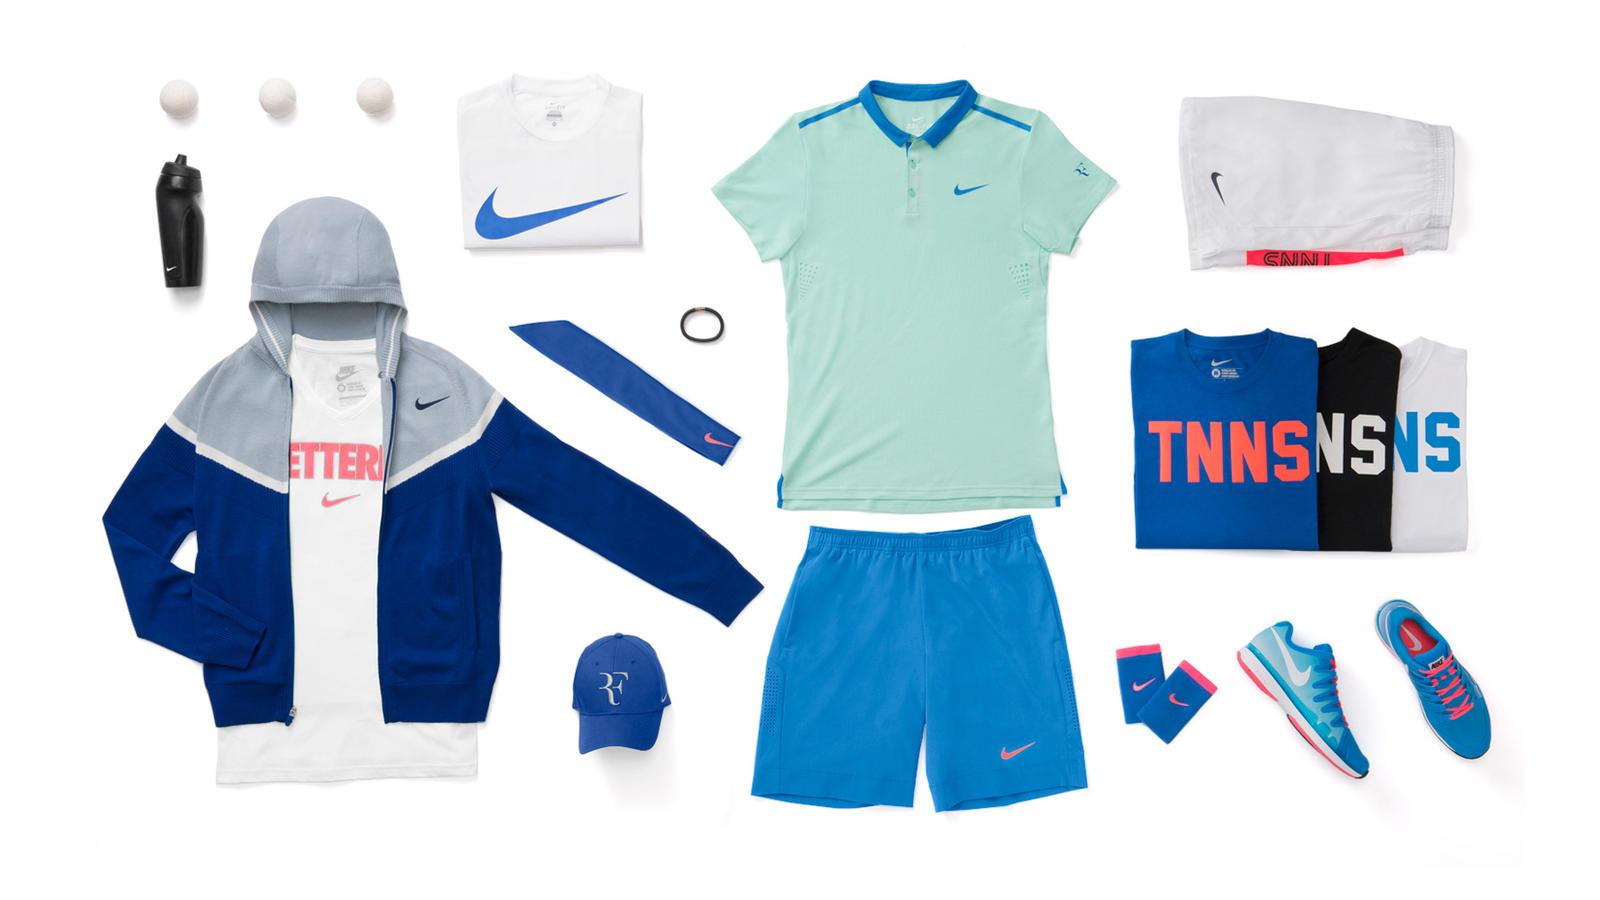 Roger Federer Nike Tennis Look - New York 2014